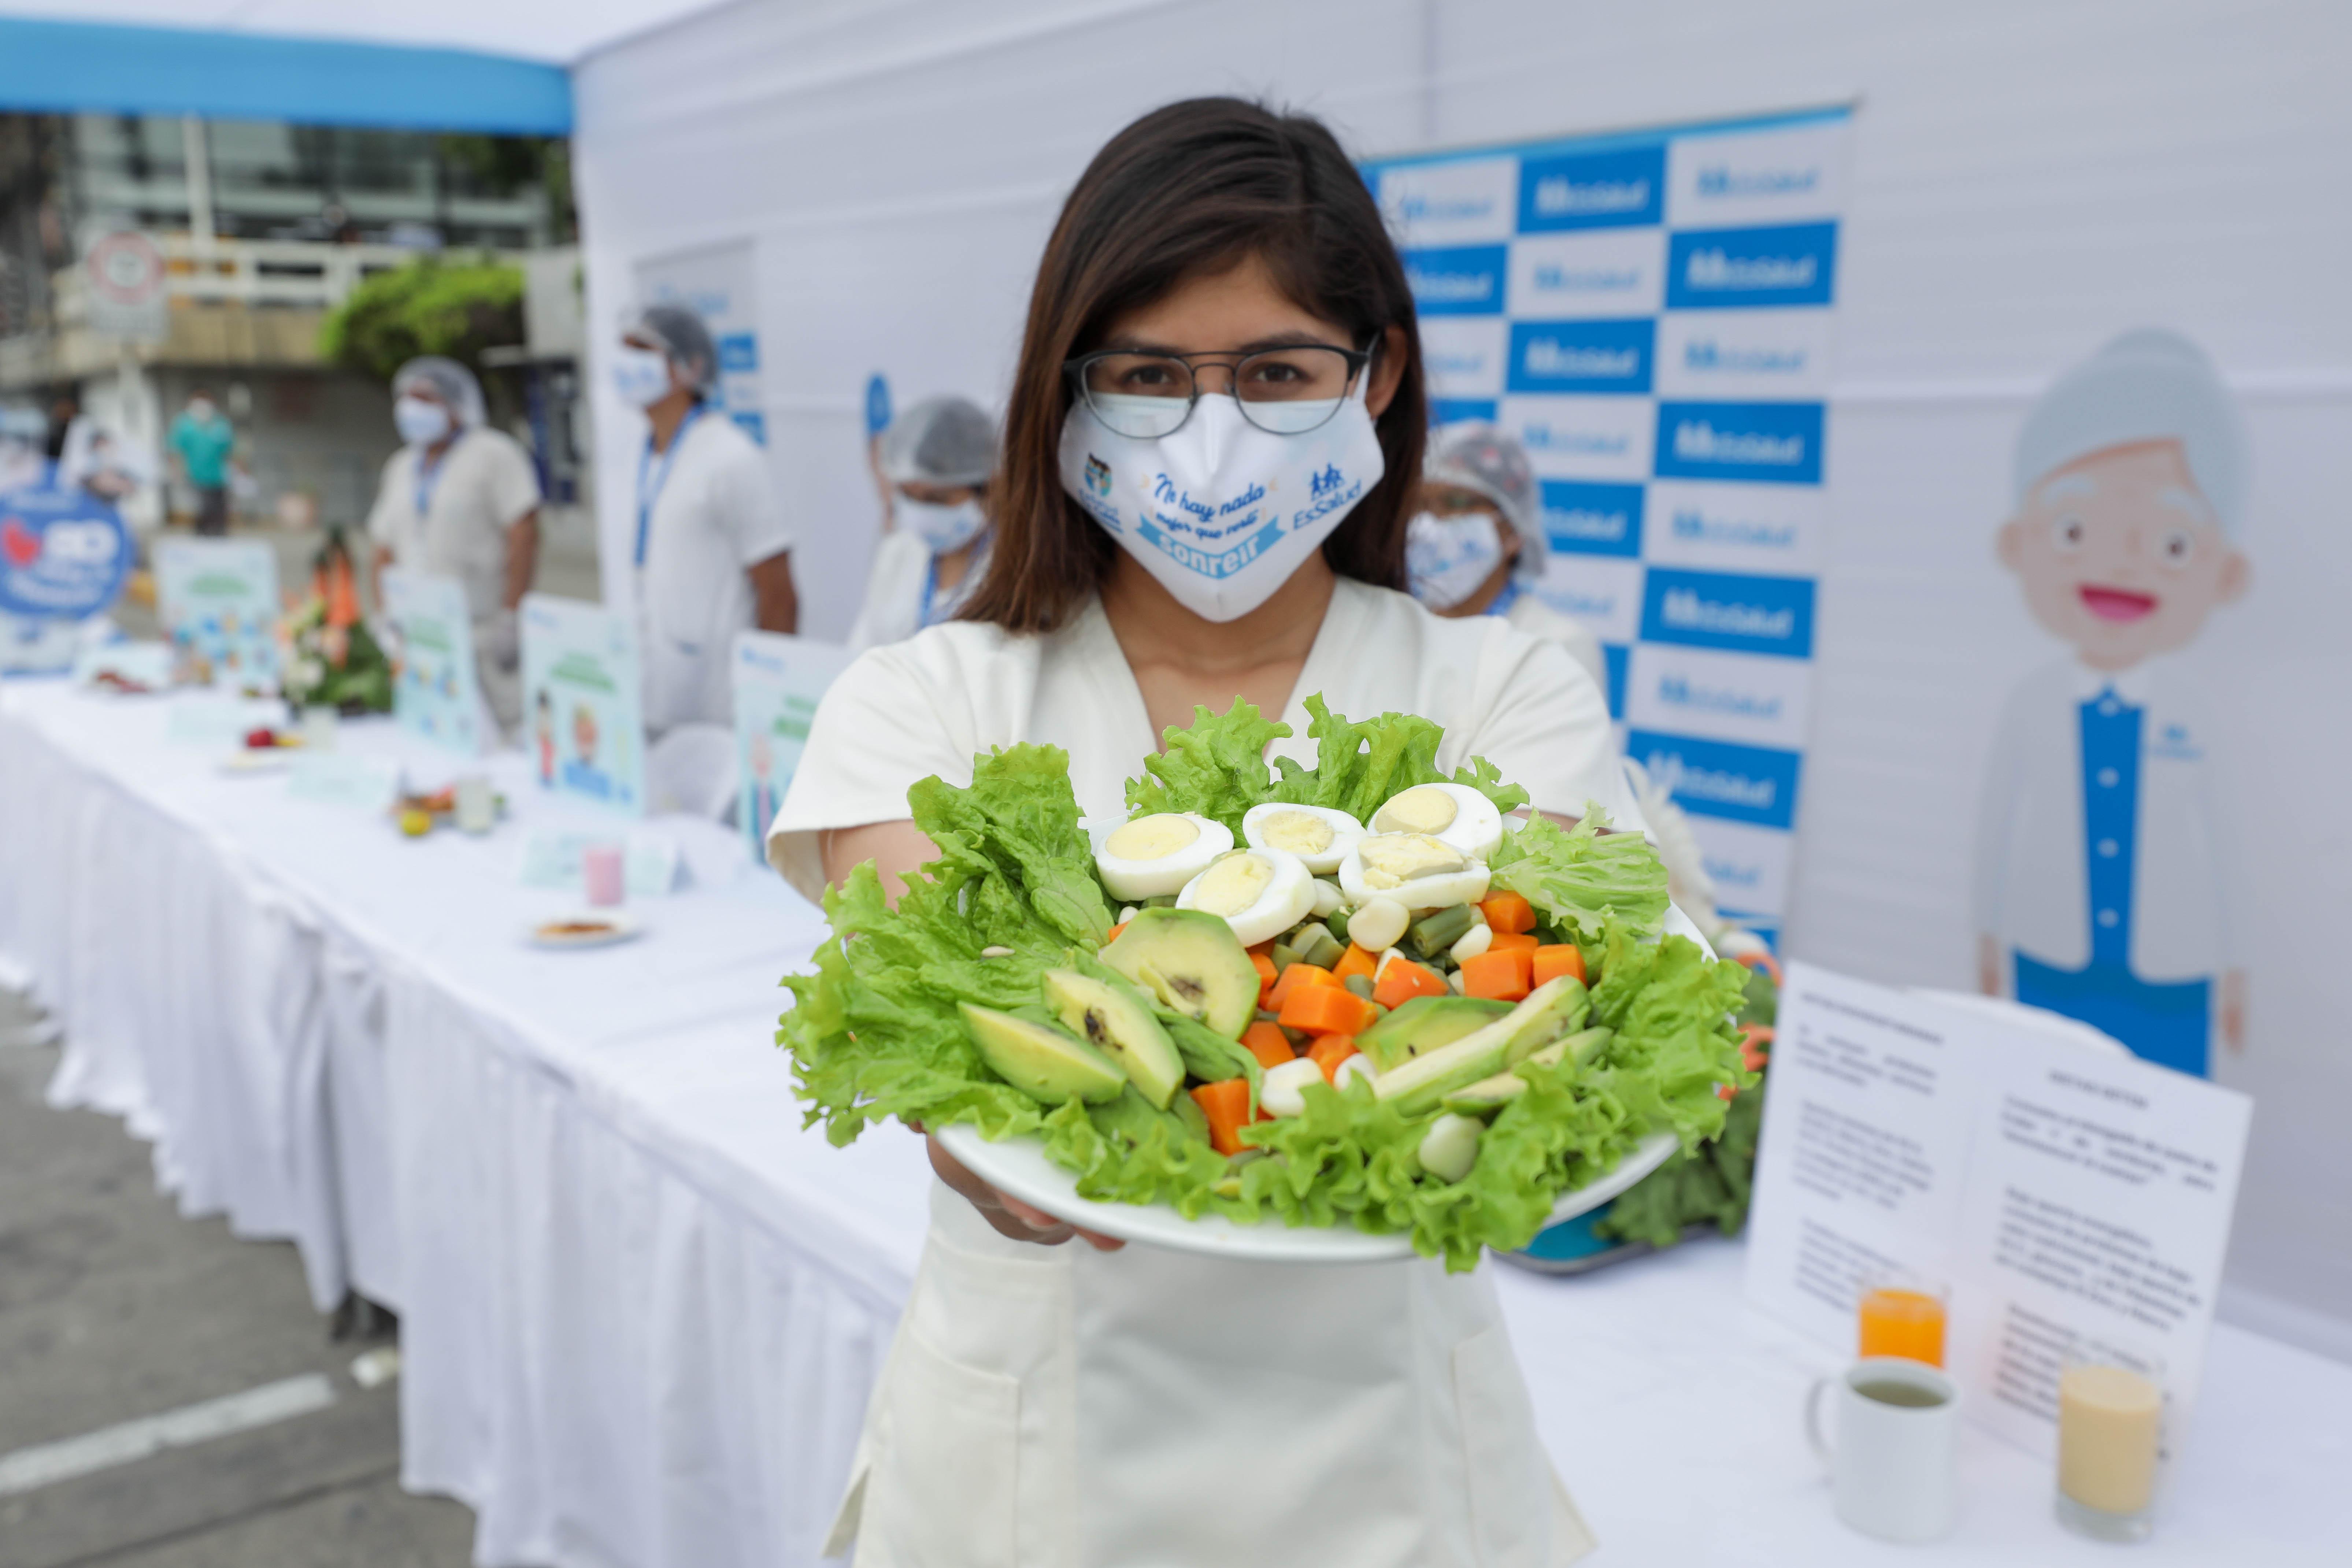 Essalud - EsSalud: Conozca los riesgos y consecuencias del consumo extremo de dietas